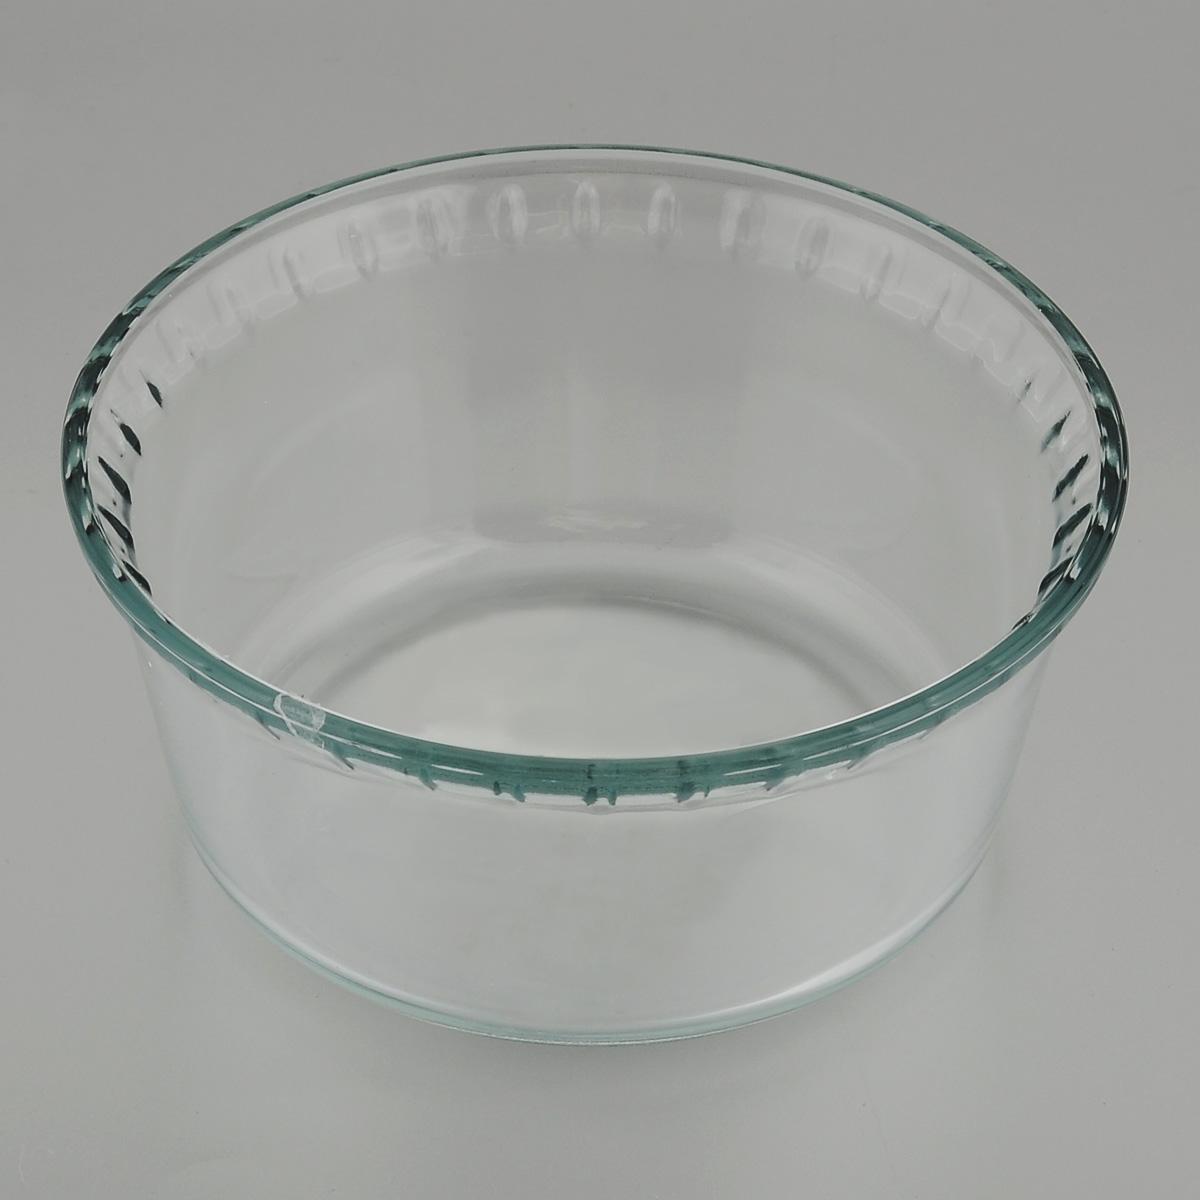 """Глубокая круглая форма для запекания """"Mijotex"""" изготовлена из жаропрочного стекла, которое  выдерживает температуру до +450°С. Форма предназначена для приготовления горячих блюд.  Материал изделия гигиеничен, прост в уходе и обладает высокой степенью прочности.  Форма идеально подходит для использования в духовках, микроволновых печах, холодильниках и  морозильных камерах. Можно мыть в посудомоечной машине. Диаметр формы: 17 см. Высота стенки формы: 8 см."""